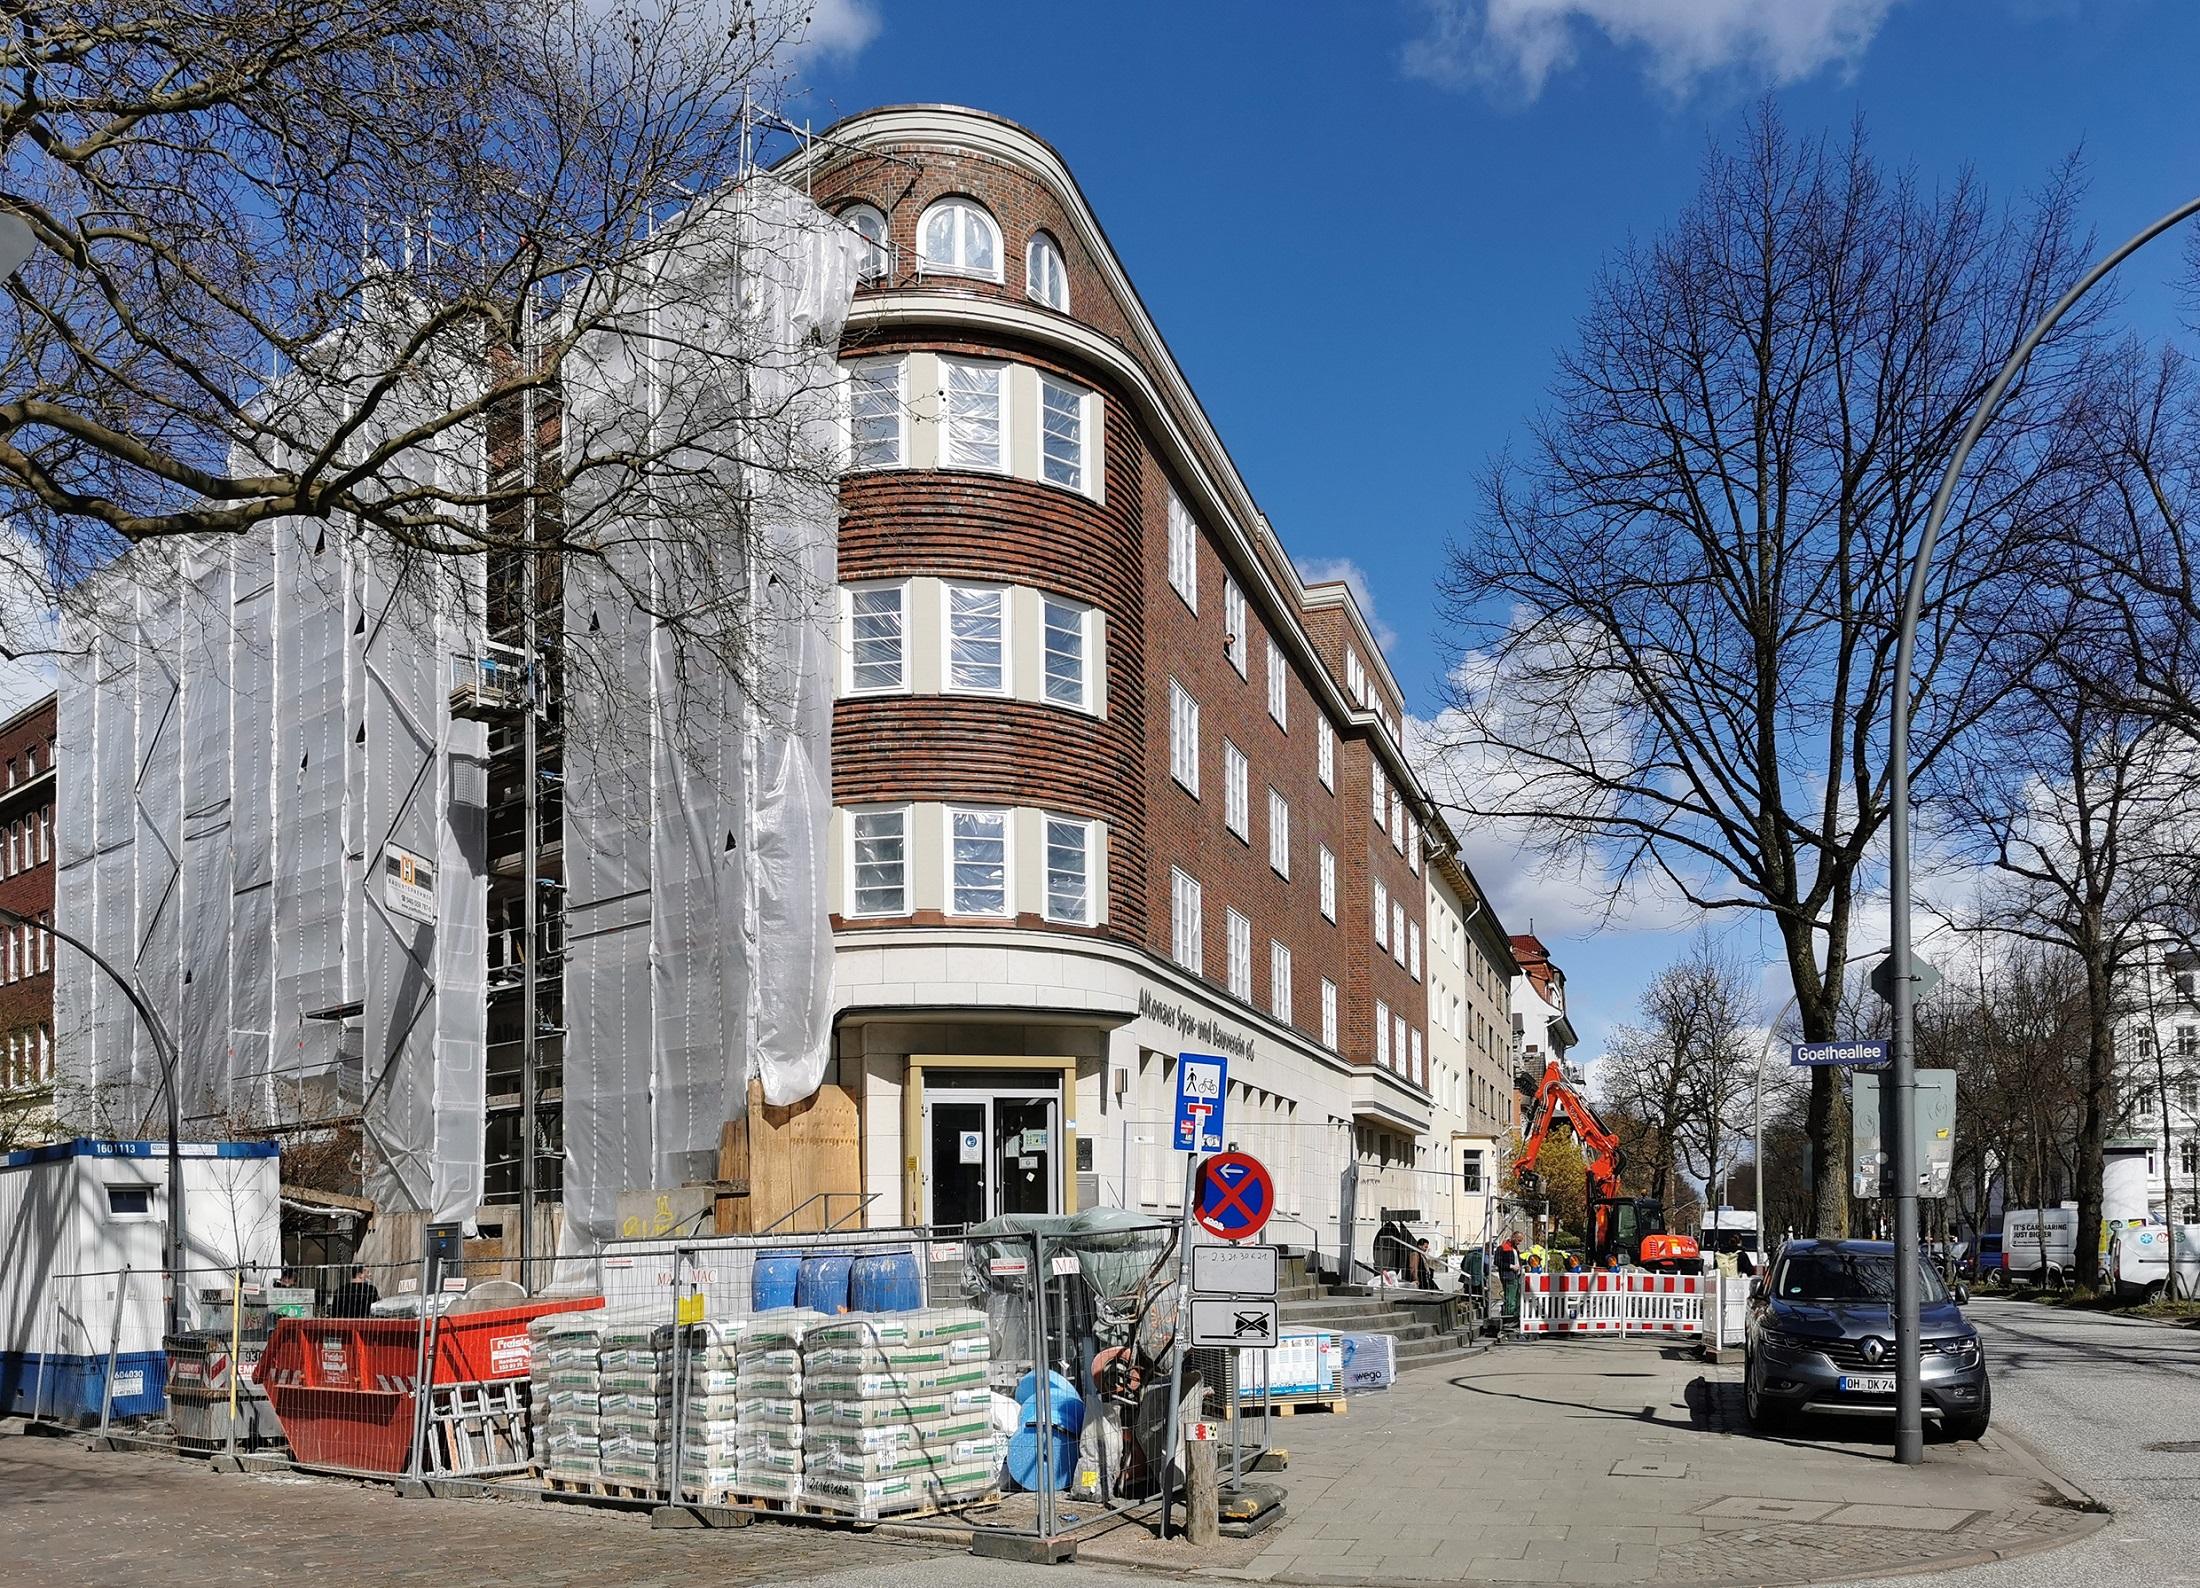 Die alte altoba-Geschäftsstelle wird umgebaut, Blick auf die Ecke Max-Brauer-Allee 71/Goetheallee 4